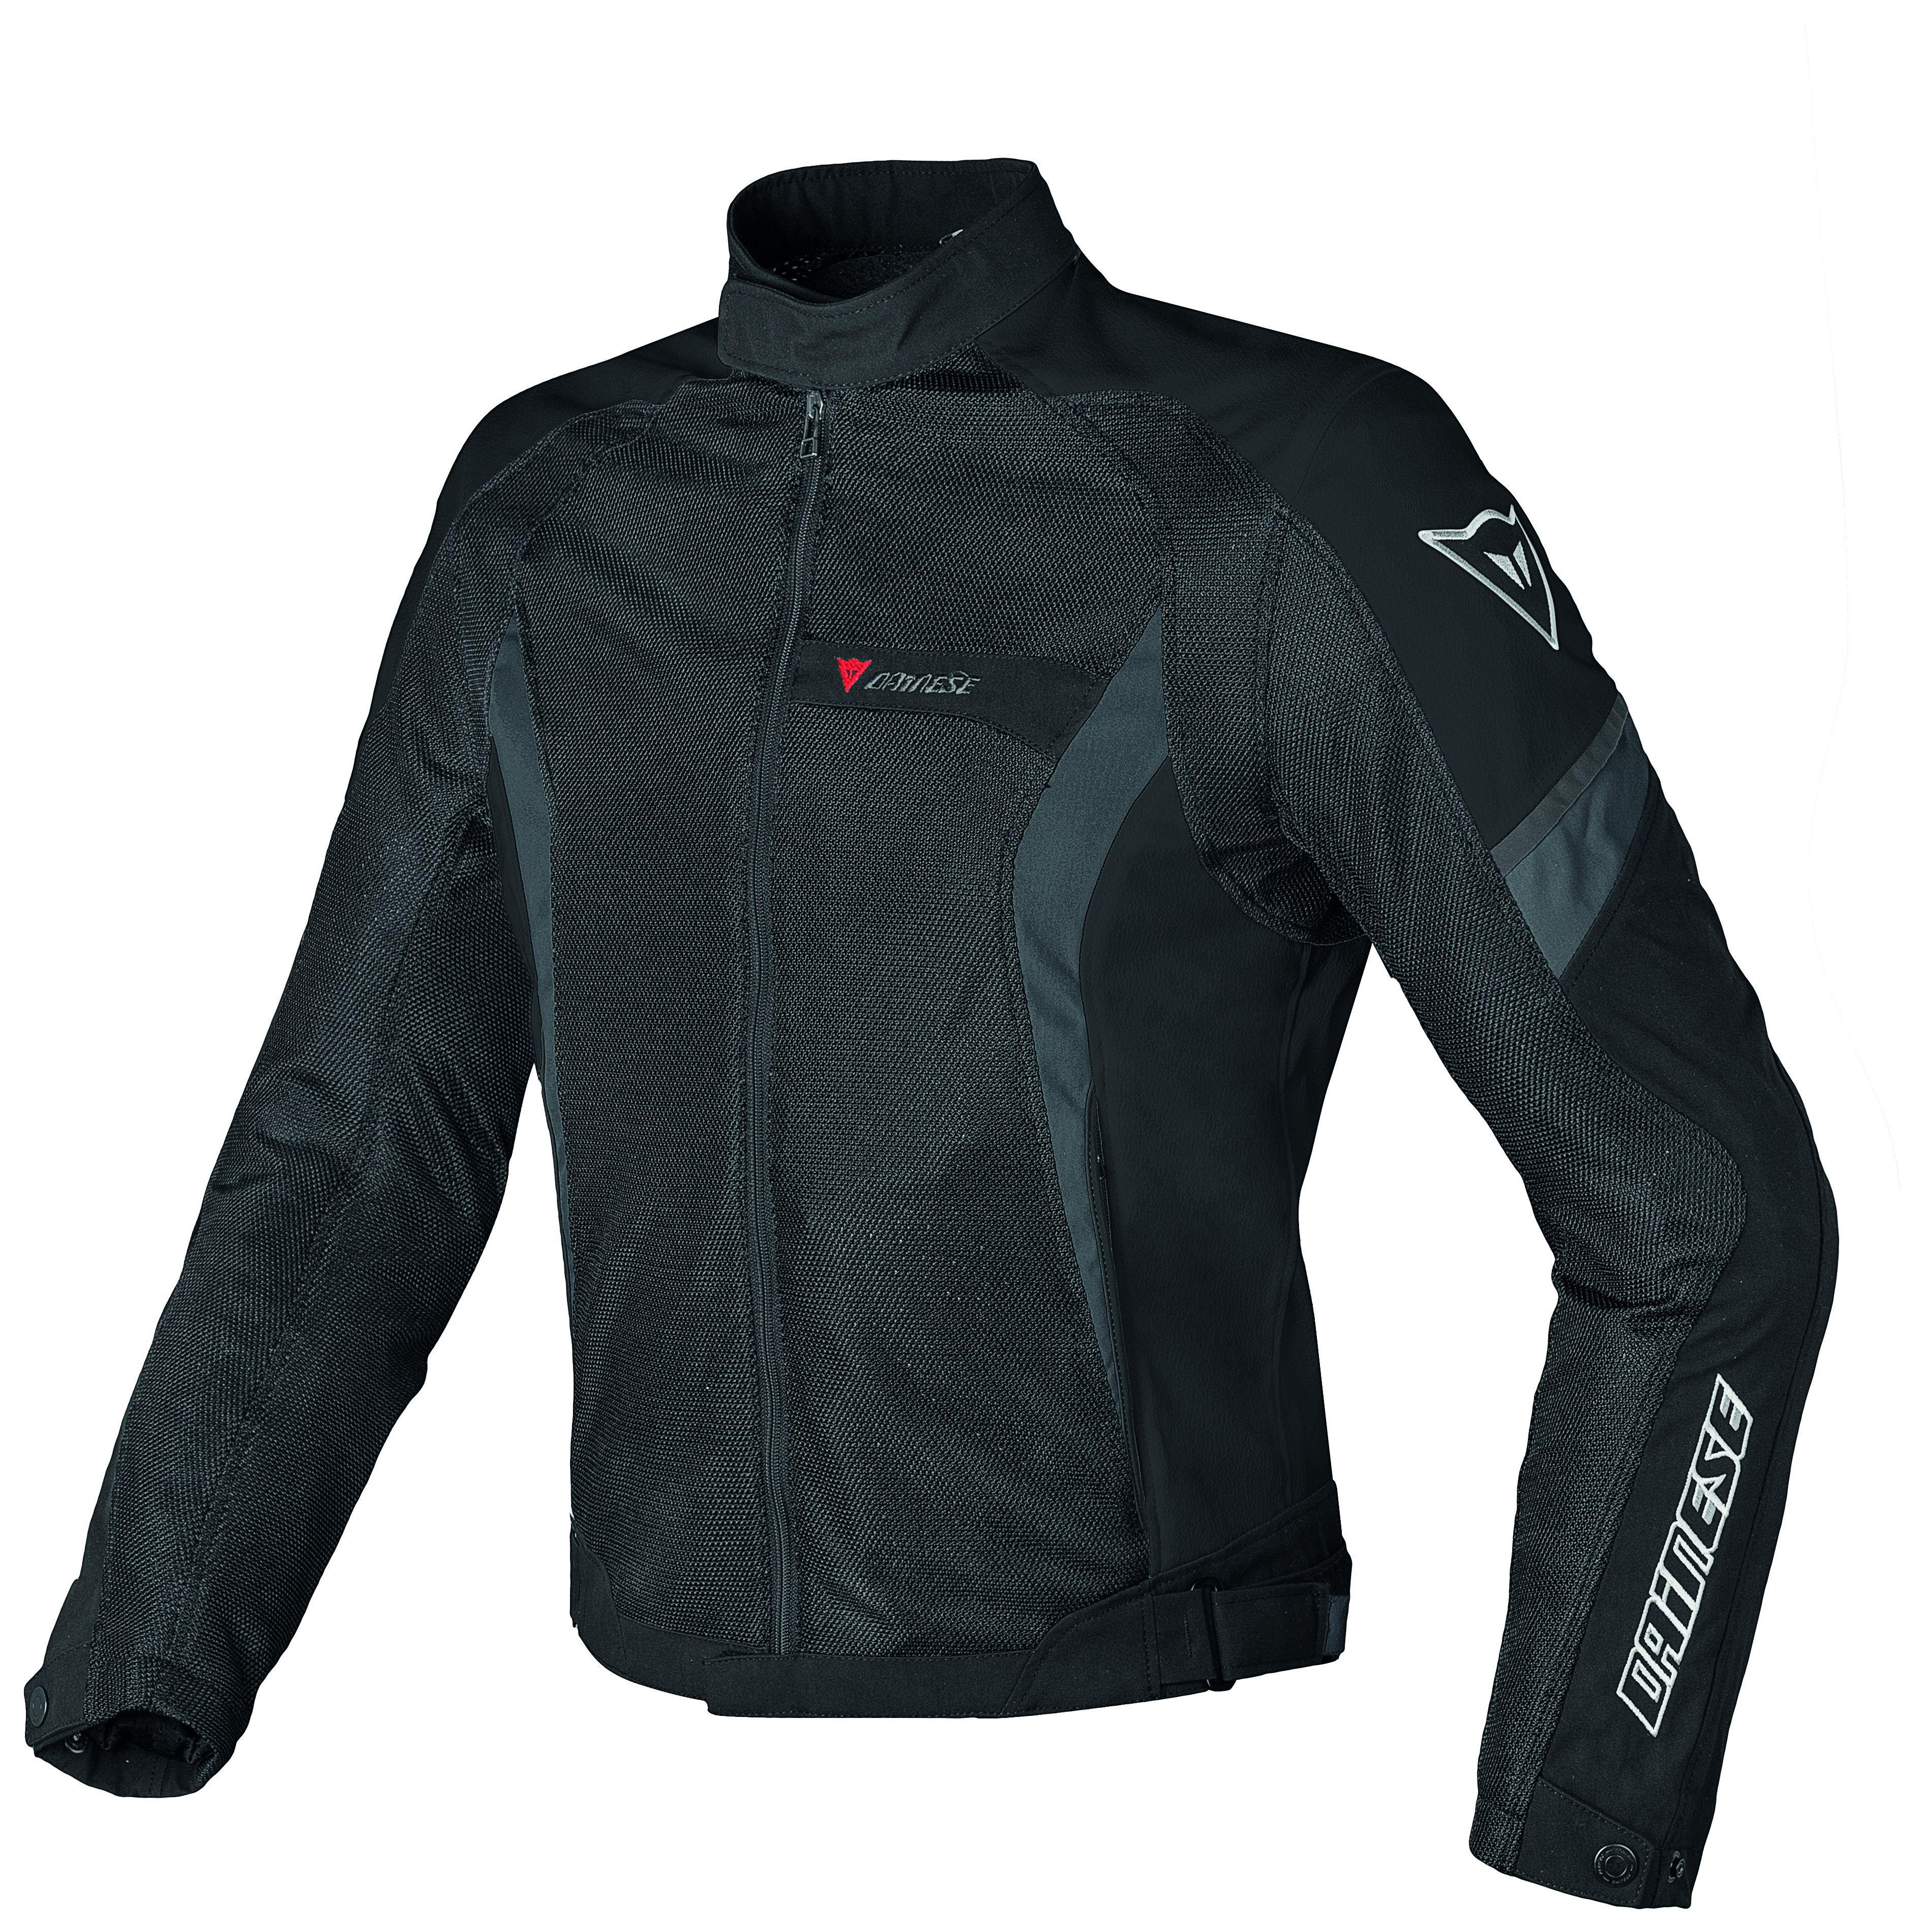 5c939030 Dainese Air Crono 2 Jacket   Swank   Mesh jacket, Jackets ...